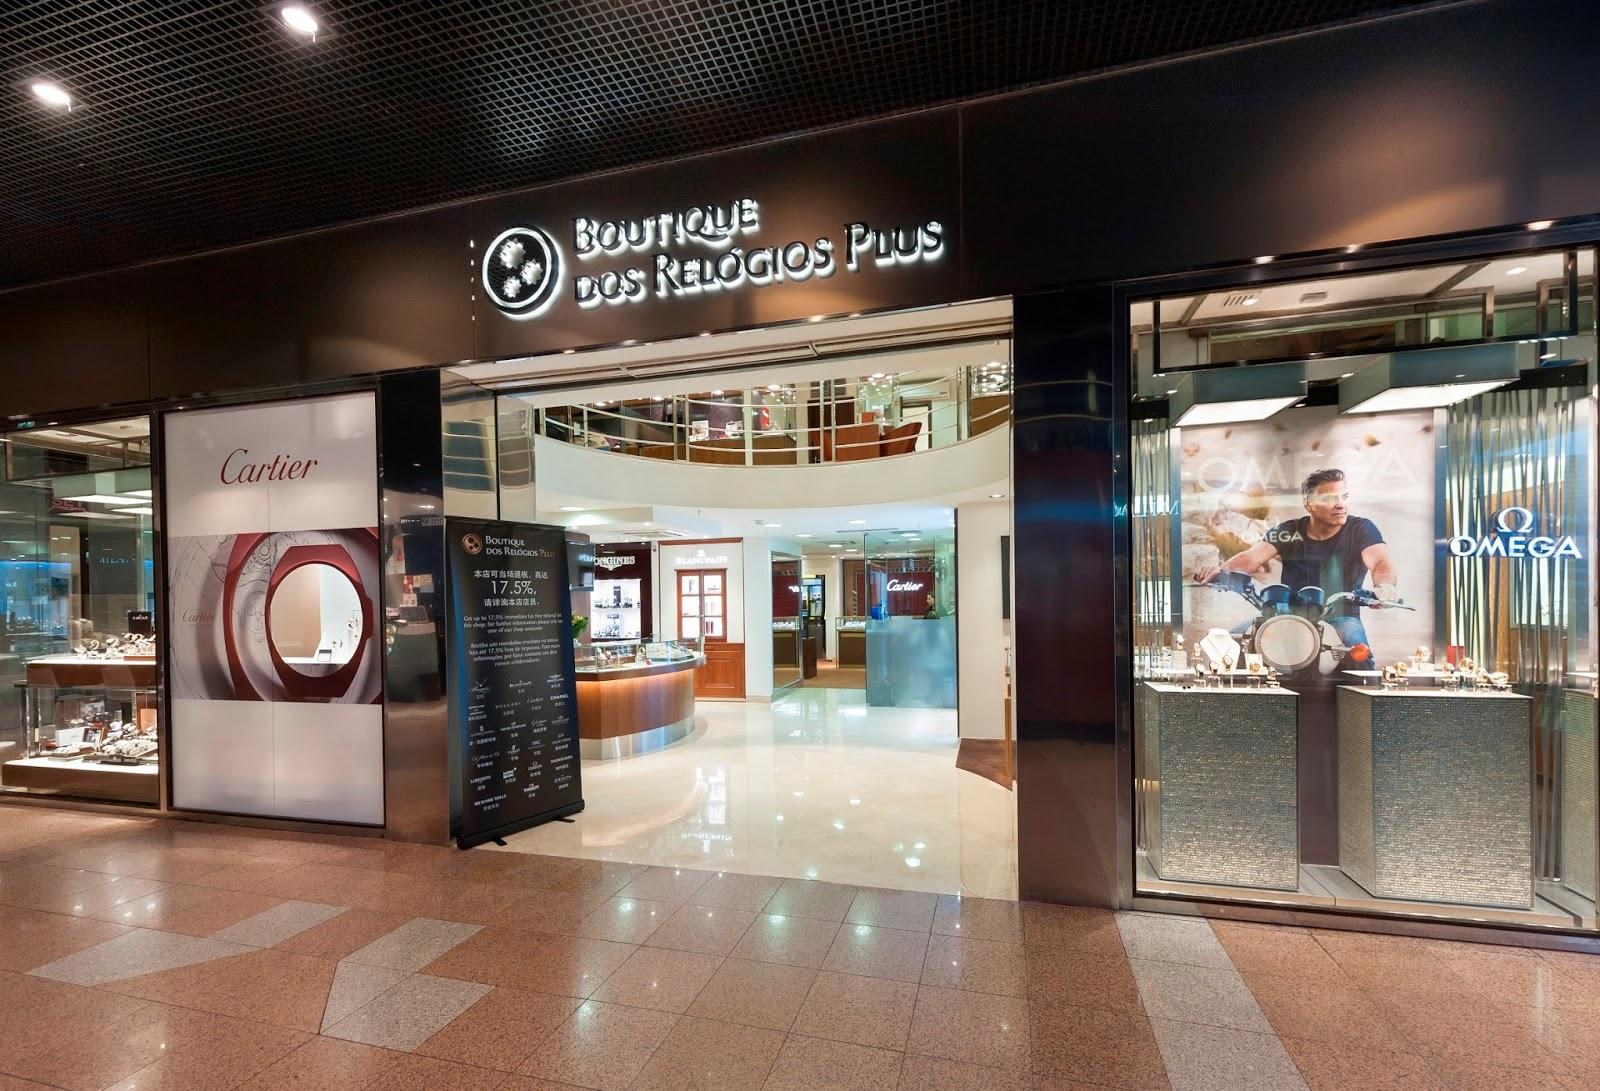 a96d8105b5b Boutique dos Relógios Plus Amoreiras renova-se e tem espaços próprios  Blancpain